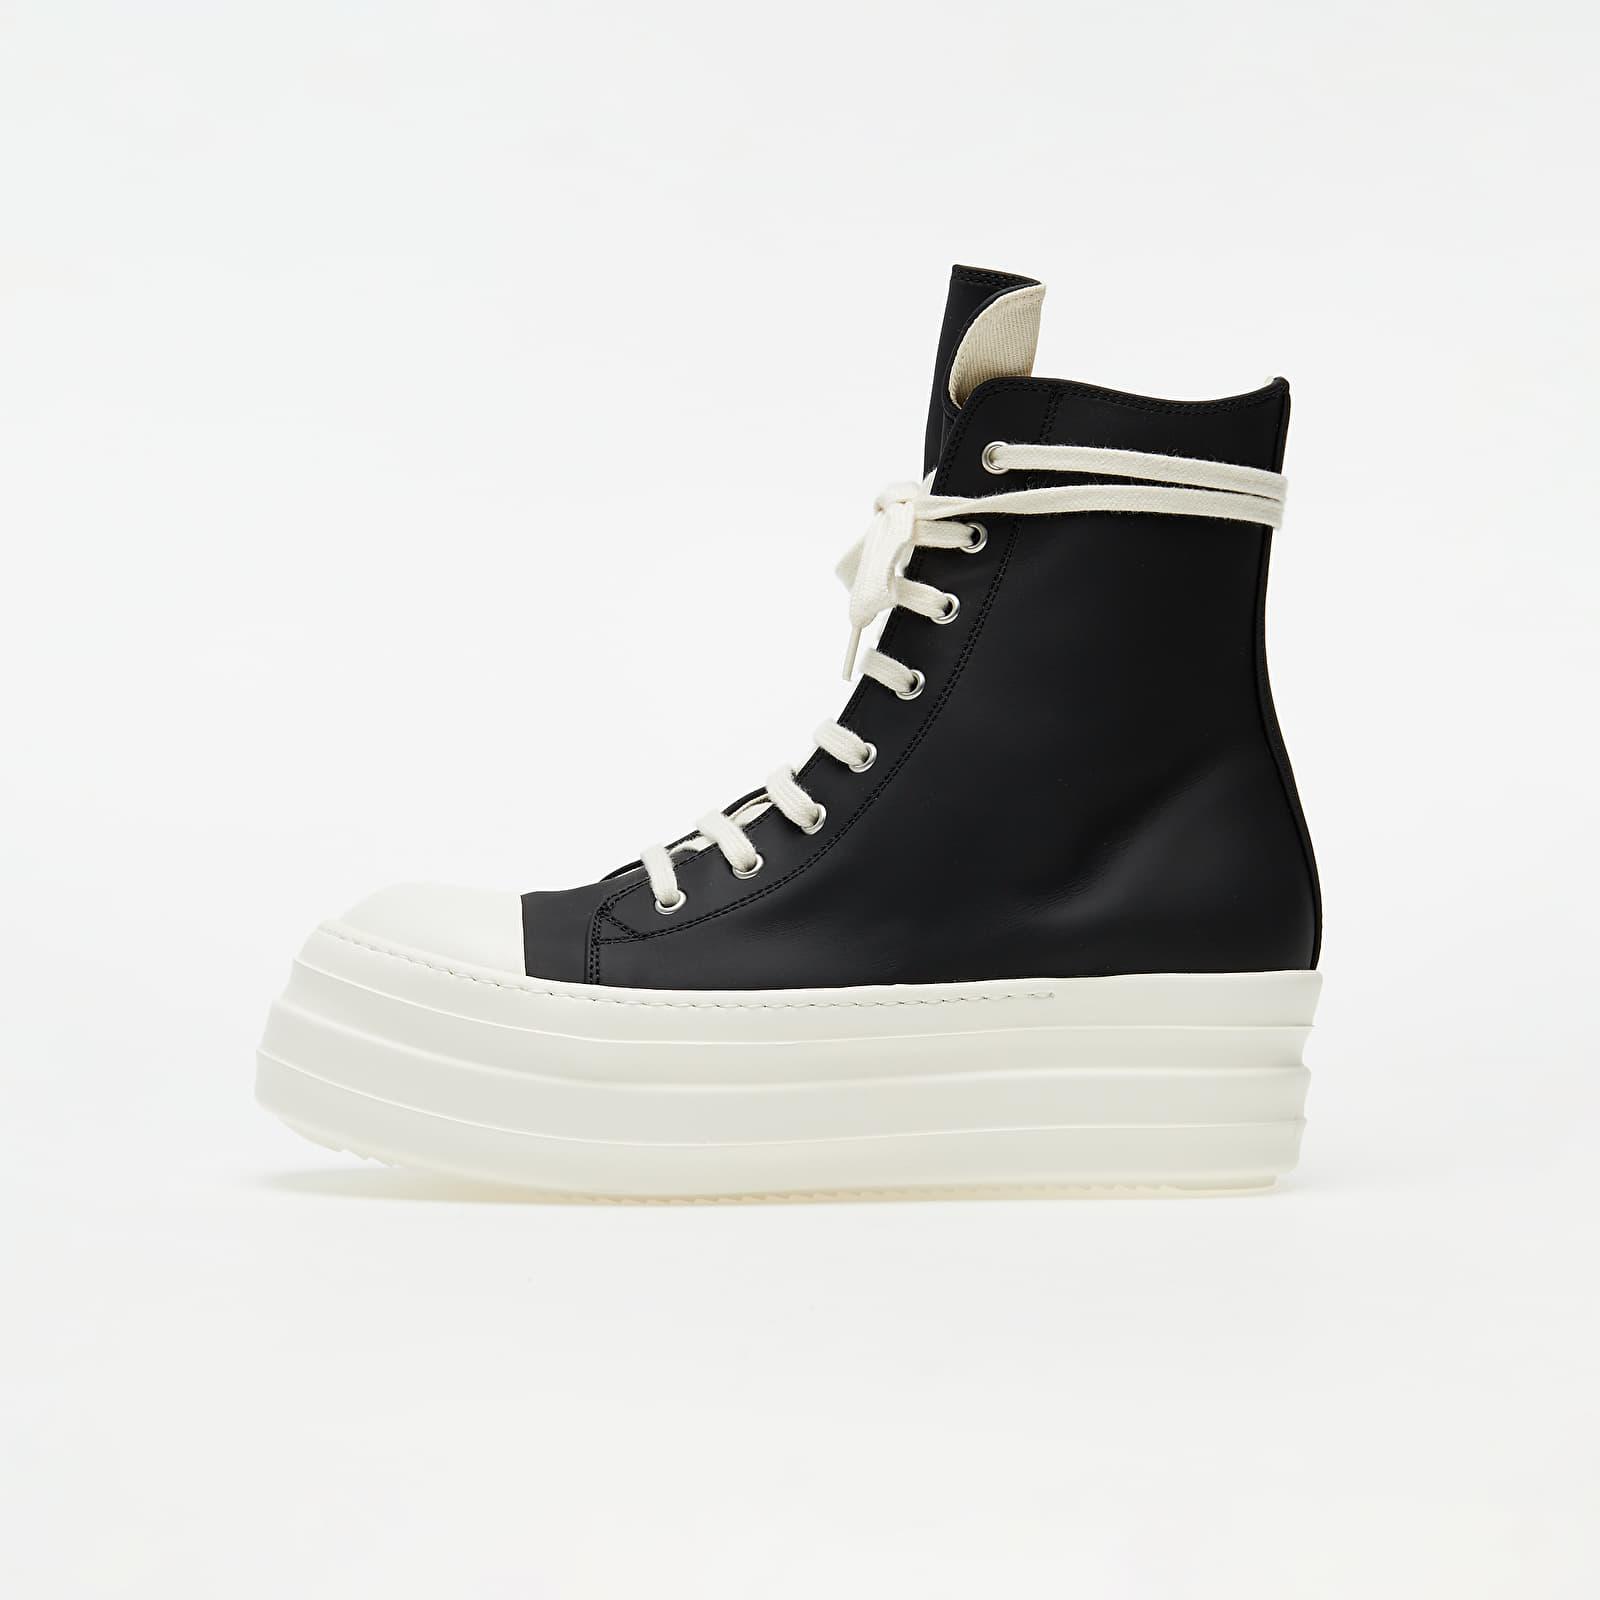 Chaussures et baskets femme Rick Owens DRKSHDW Double Bumper Sneaks Black/ White